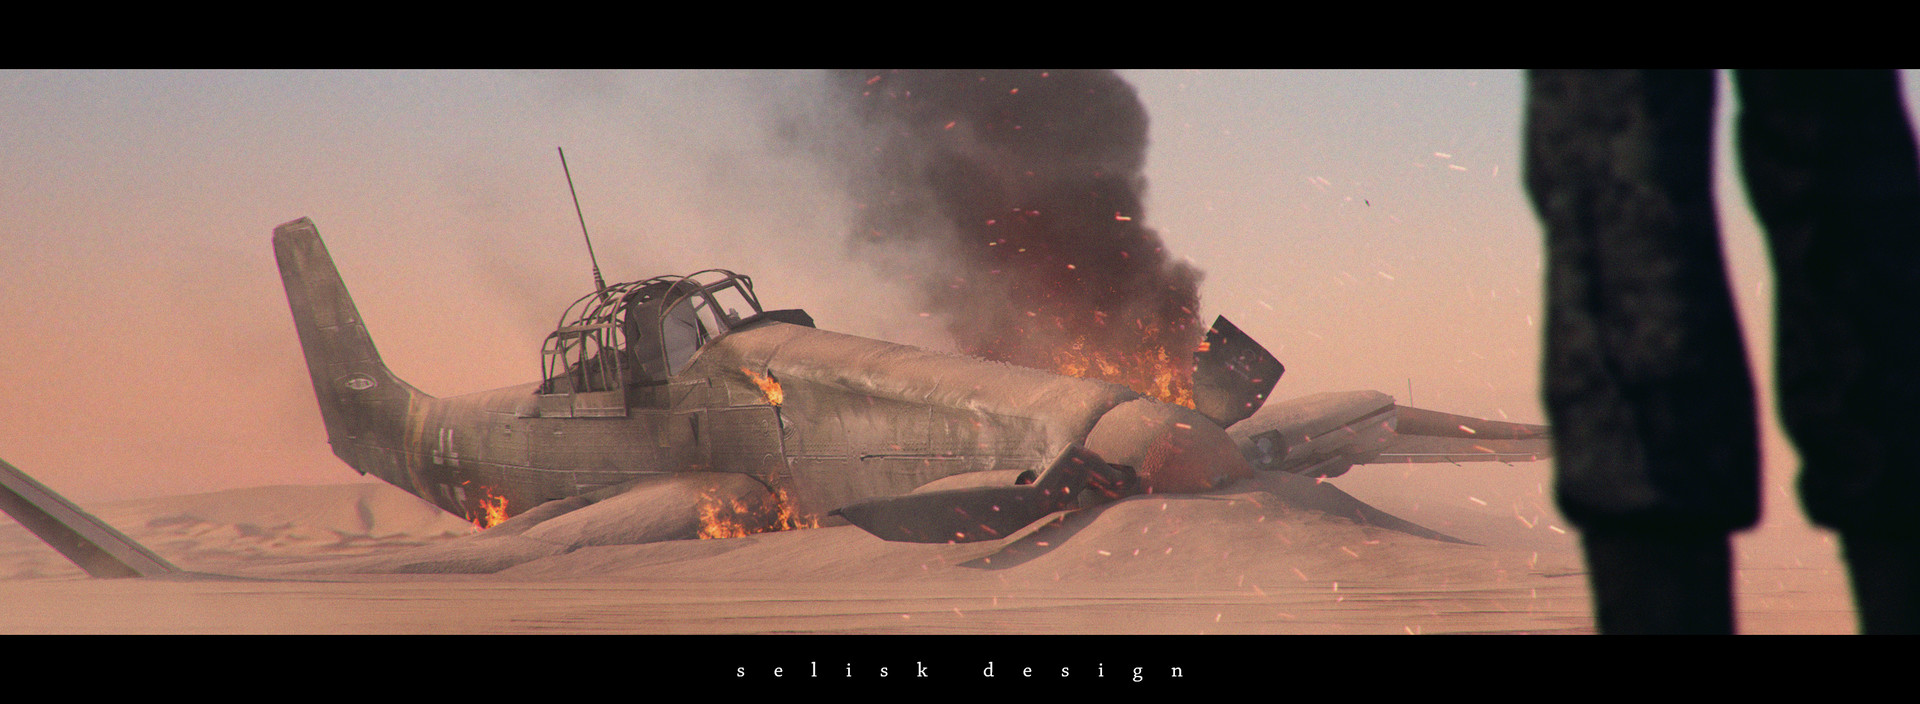 Dimitrije miljus plane crash f